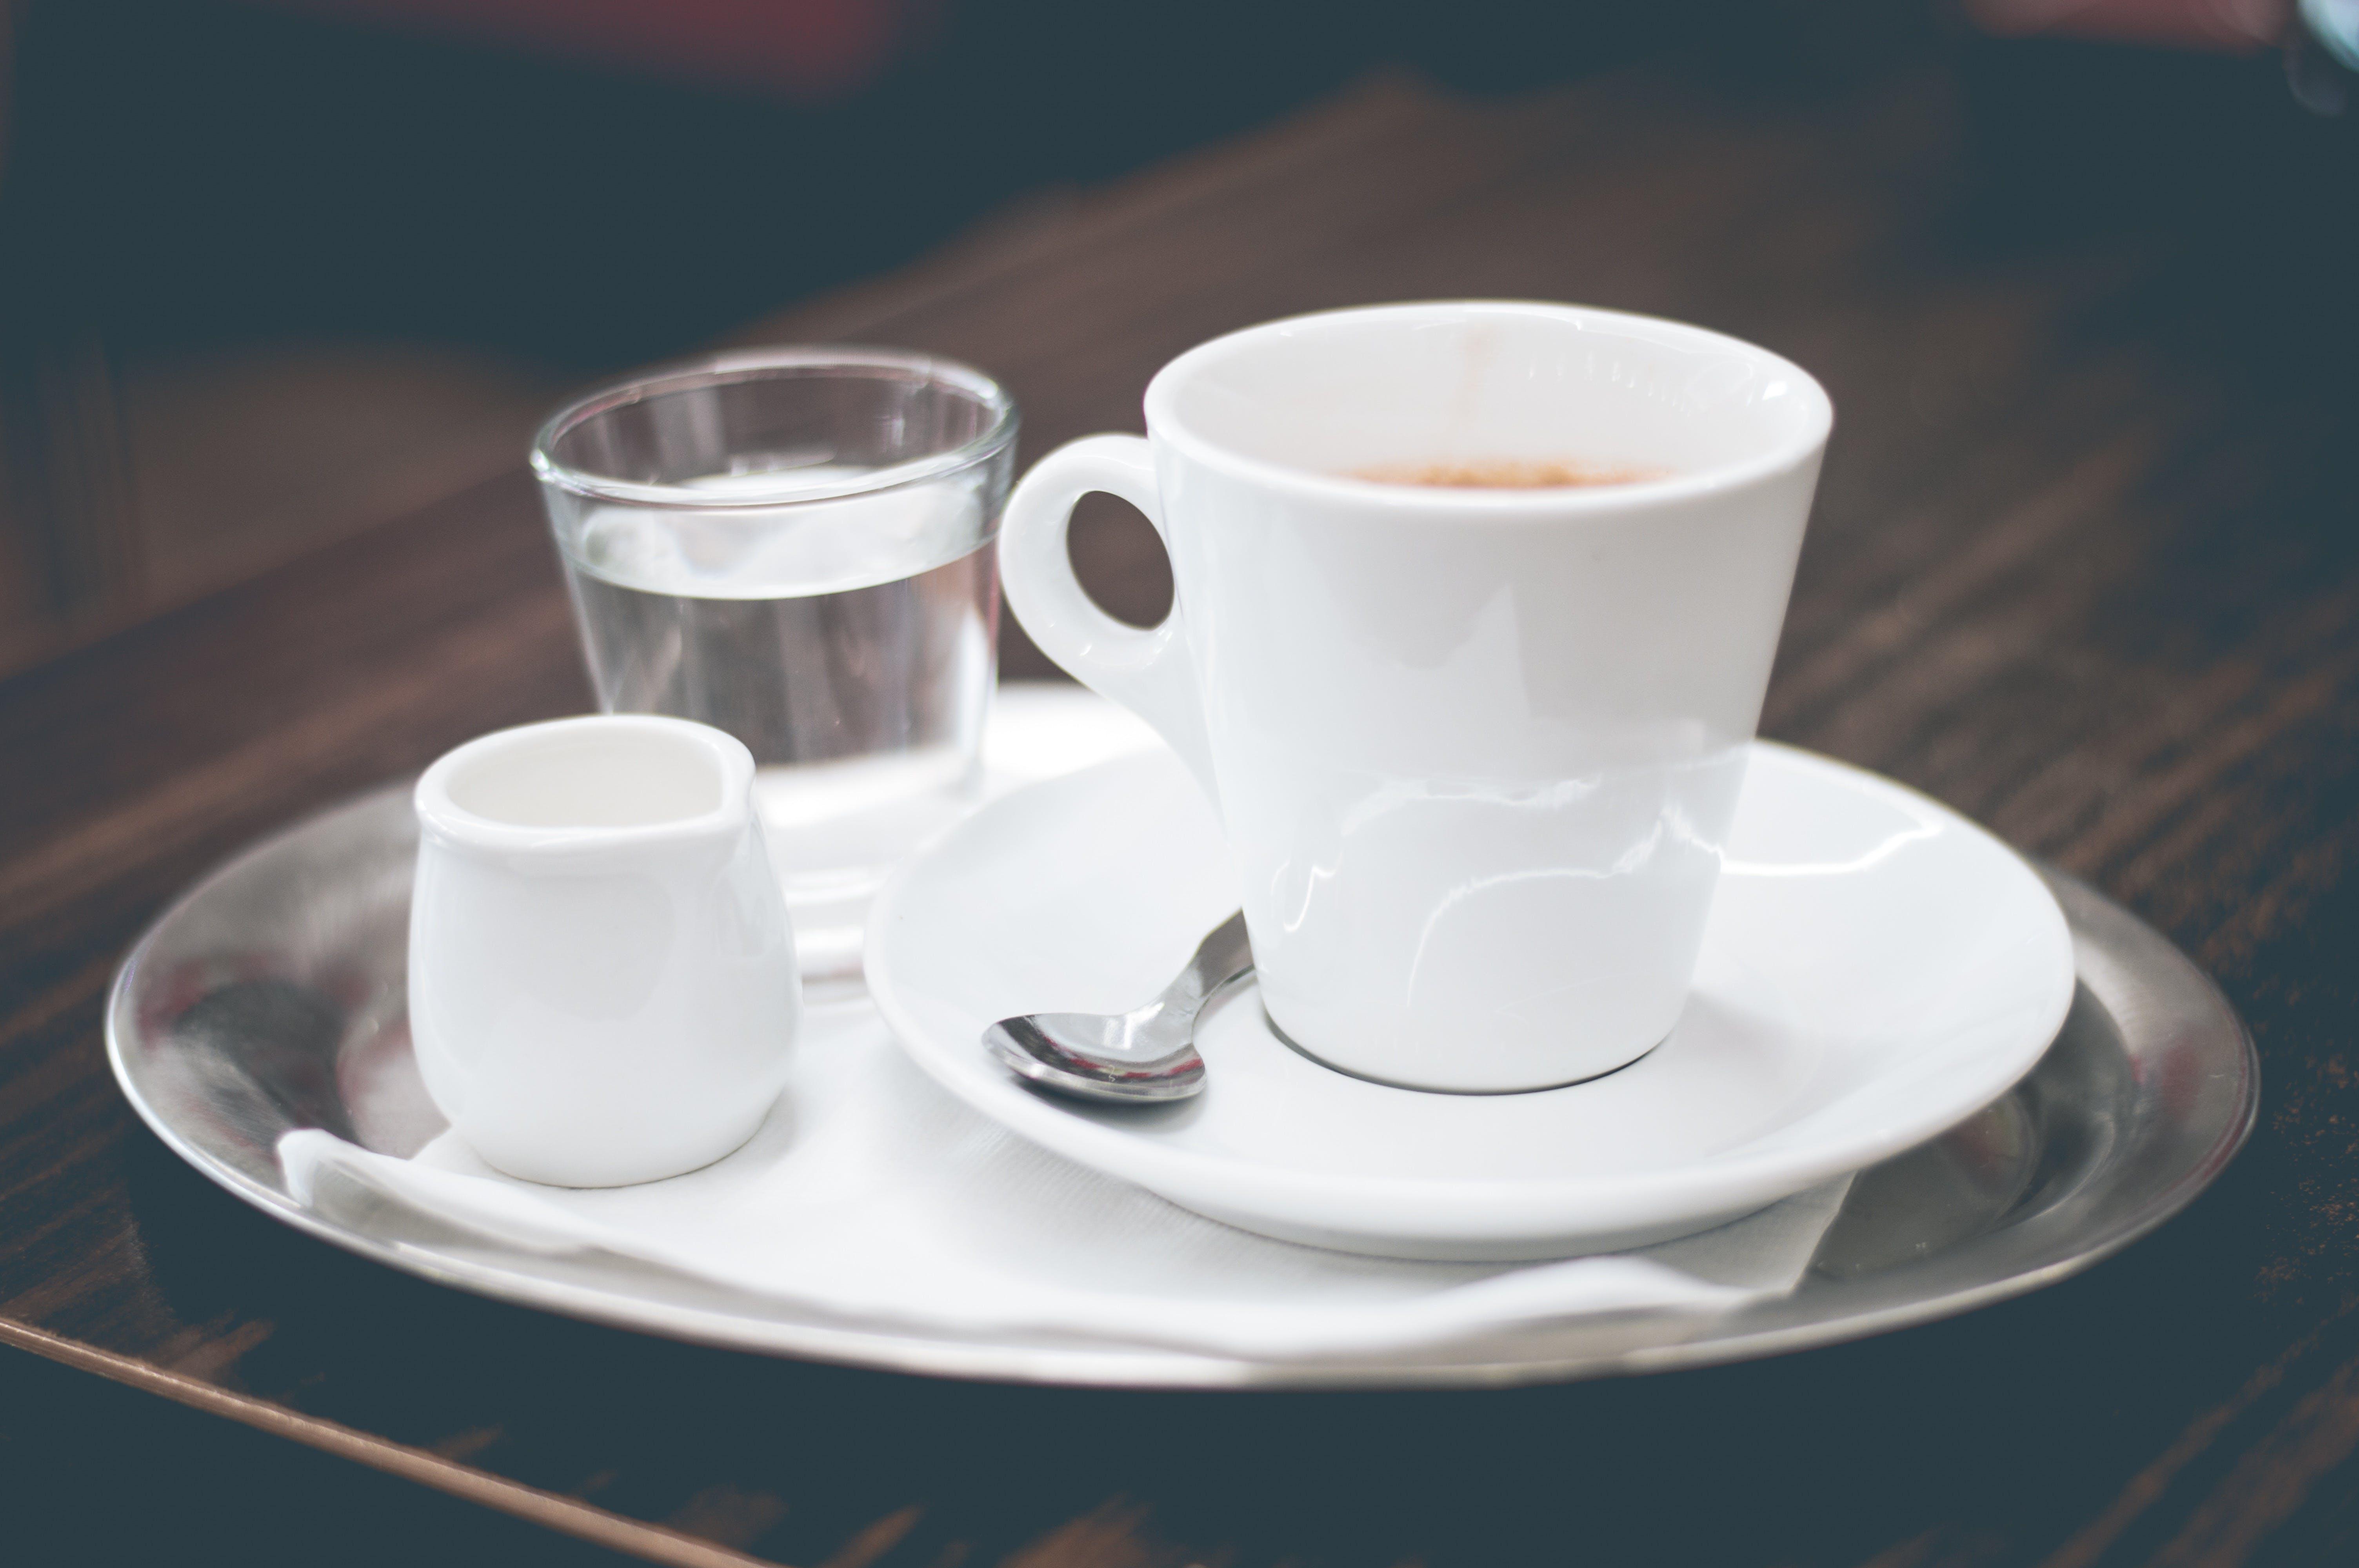 Ceramic Mug on Saucer